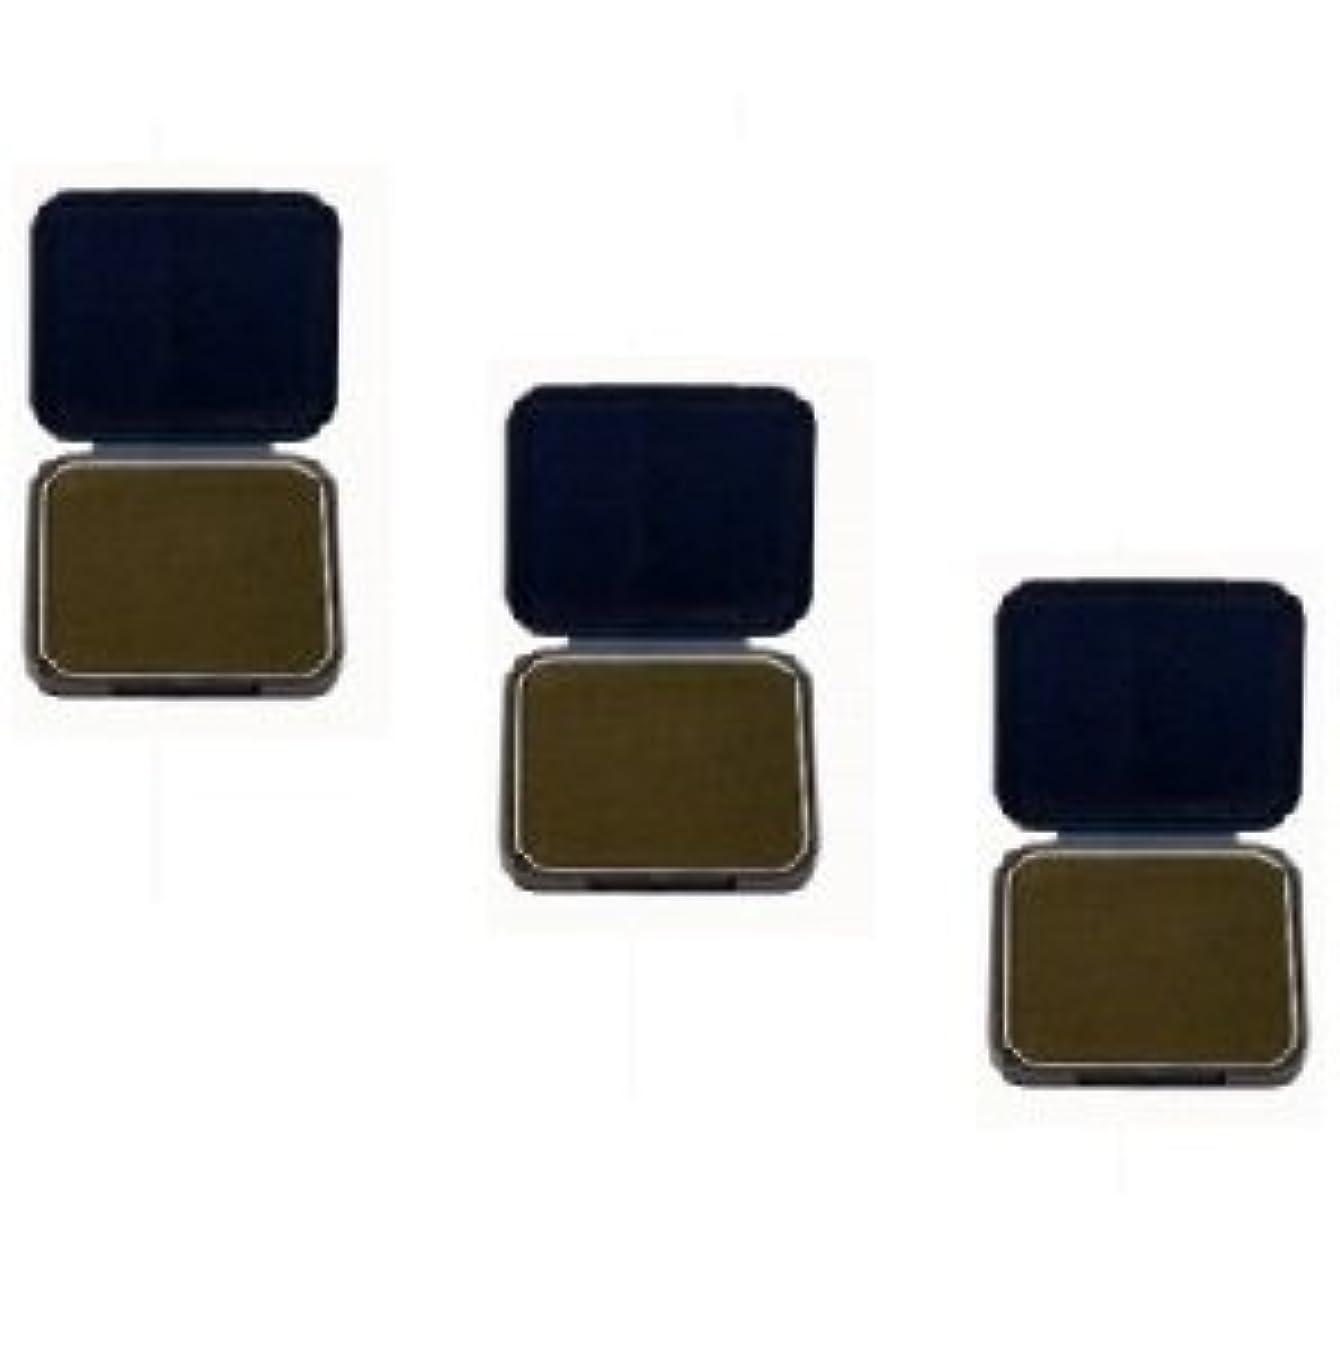 過敏なフェードアウト通路【3個セット】 アモロス 黒彩 ヘアファンデーション 13g 栗 詰替え用レフィル